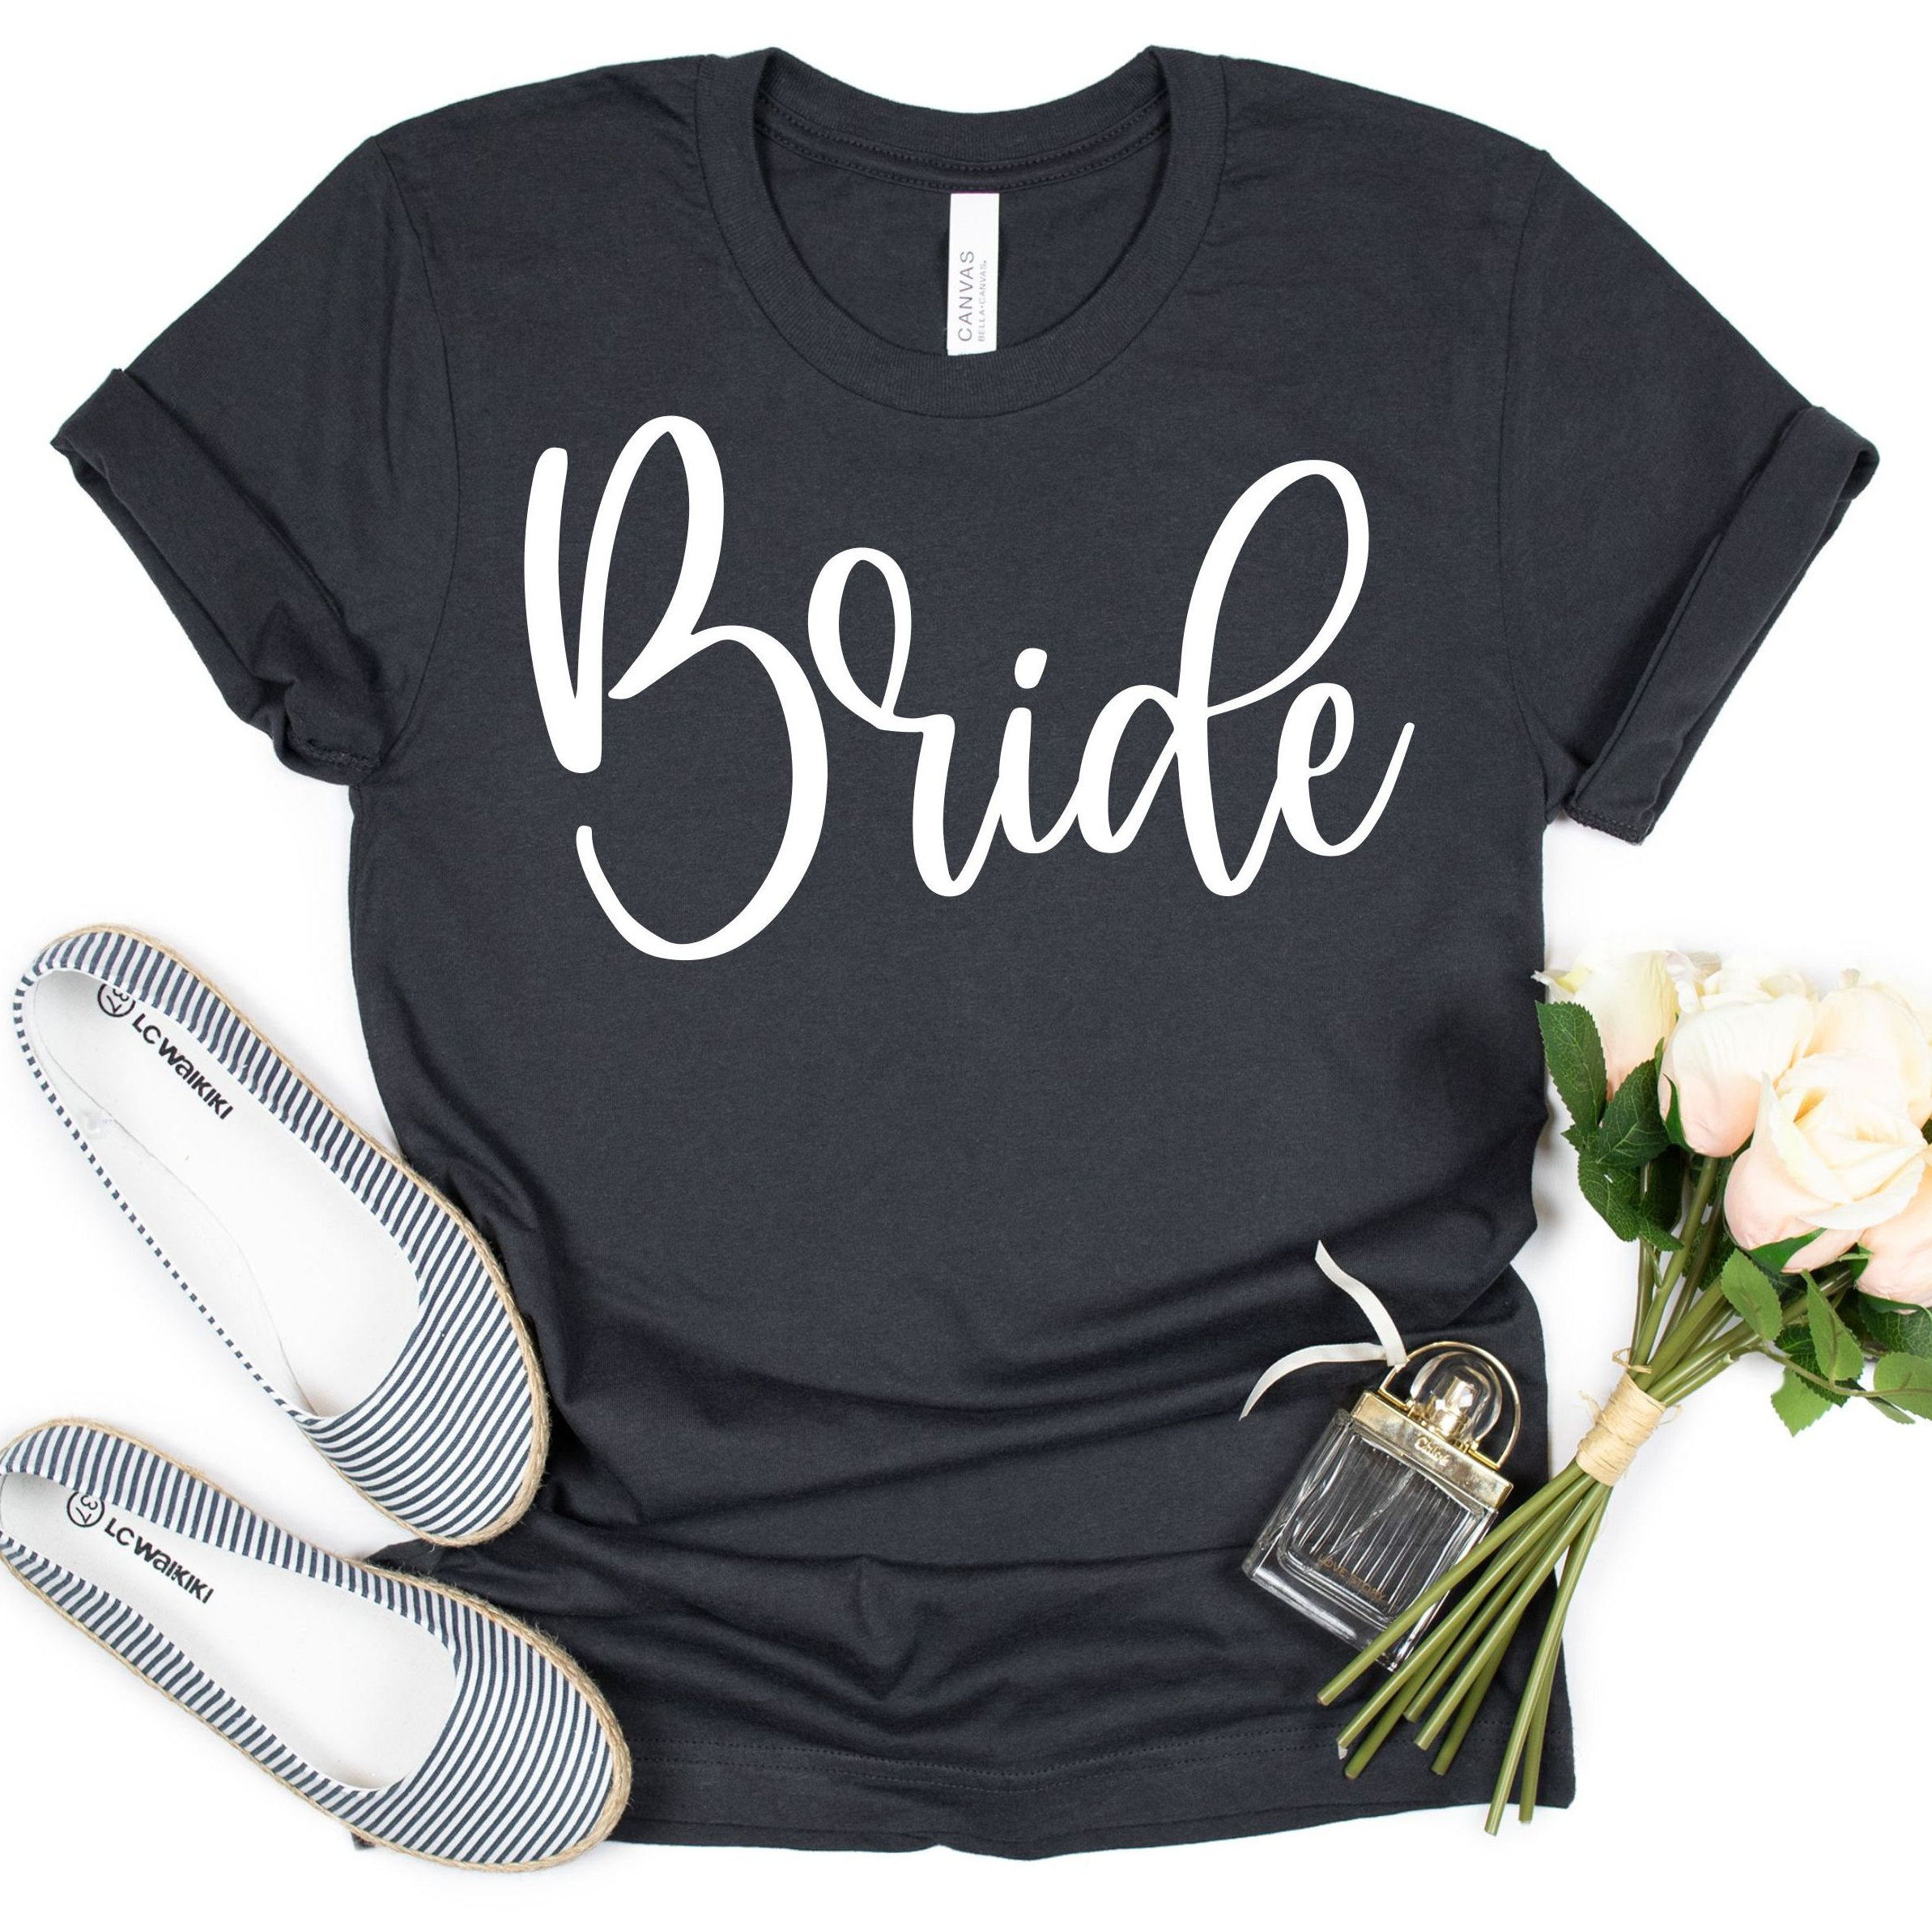 Bride-svg-squad-svg-bridesmaid-svg-bridal-party-svg-bride-svg-wedding-svg-design-bachelorette-svg-design-bridesmaid-cricut-svg-600a181f